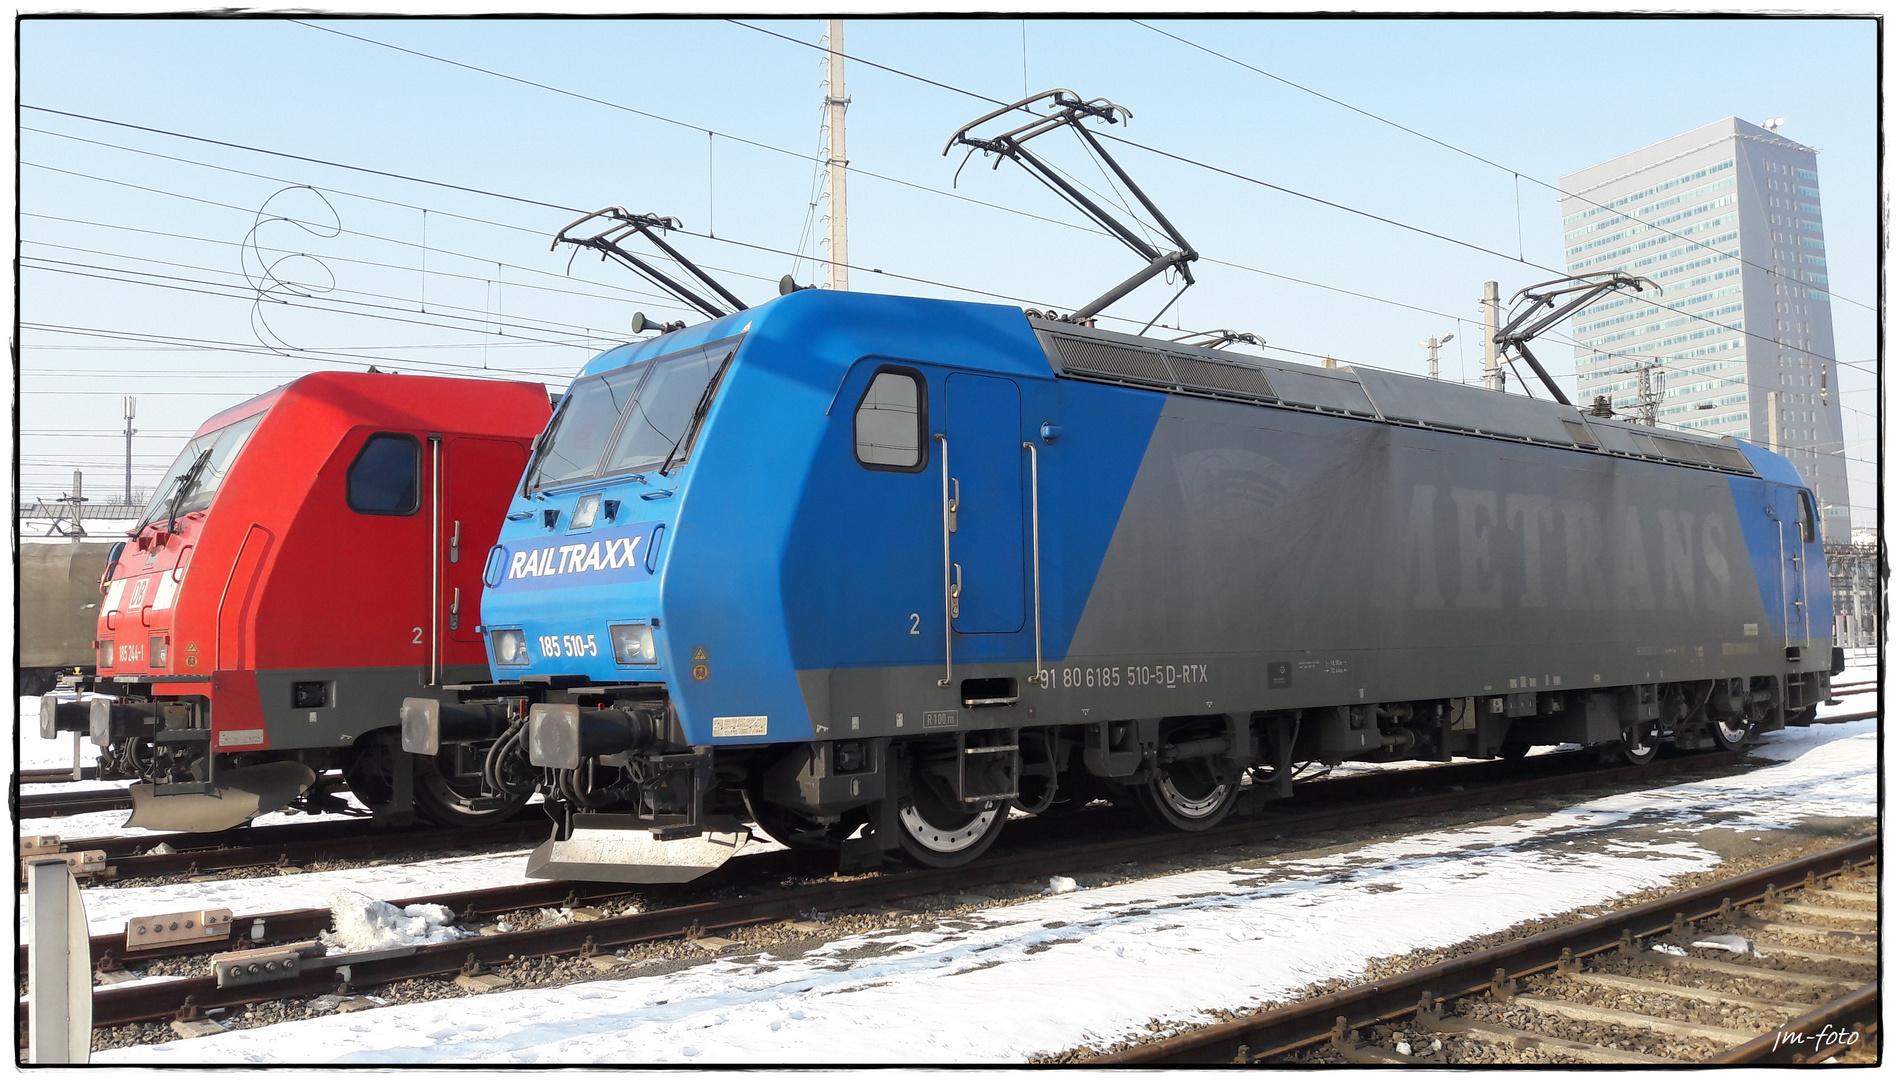 R___RAILTRAXX 185 510-5